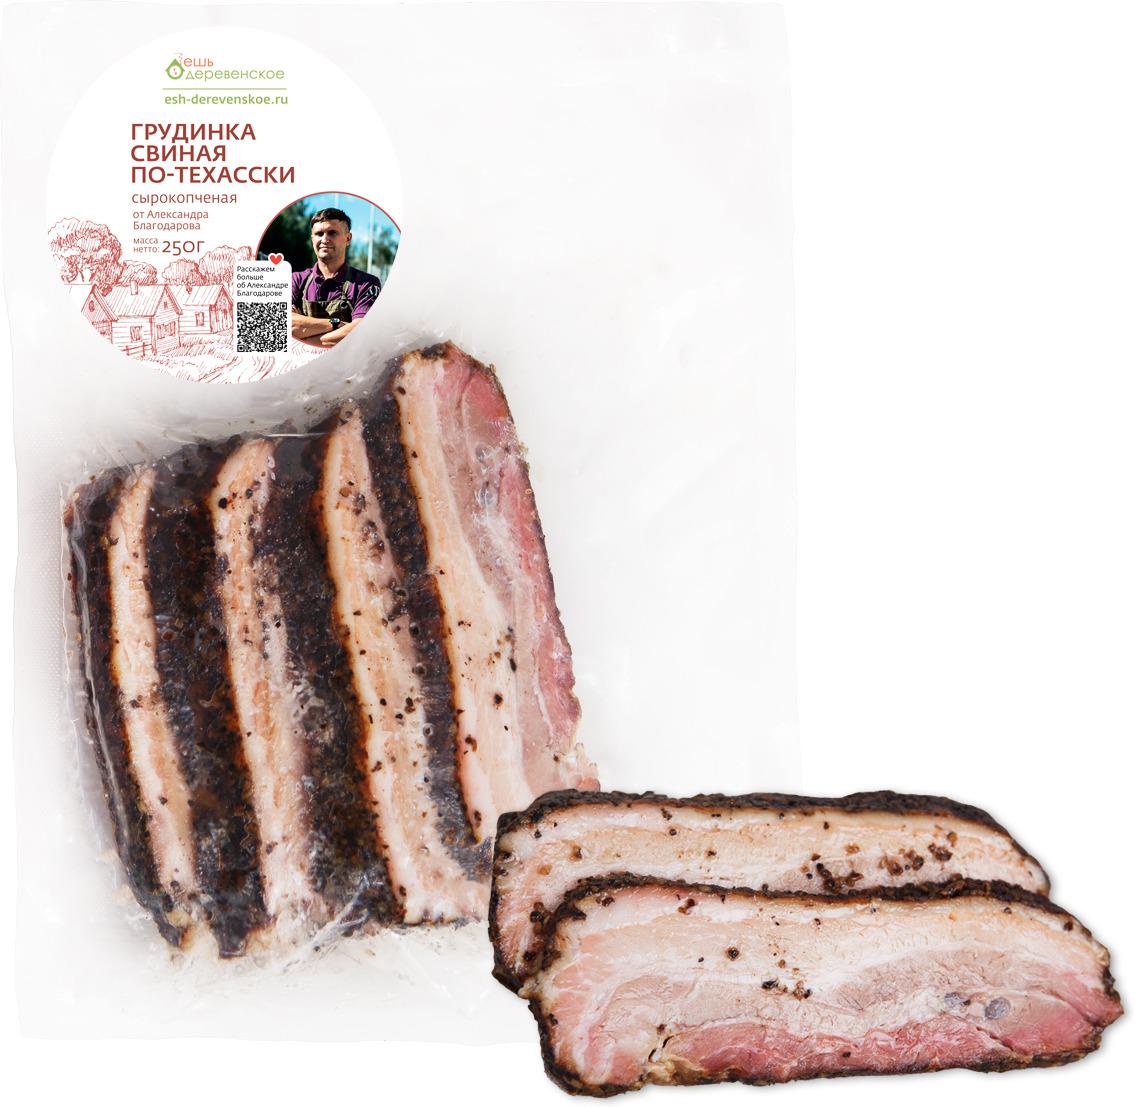 Грудинка свиная по-техасски Ешь Деревенское, сырокопченая, 250 г цена 2017